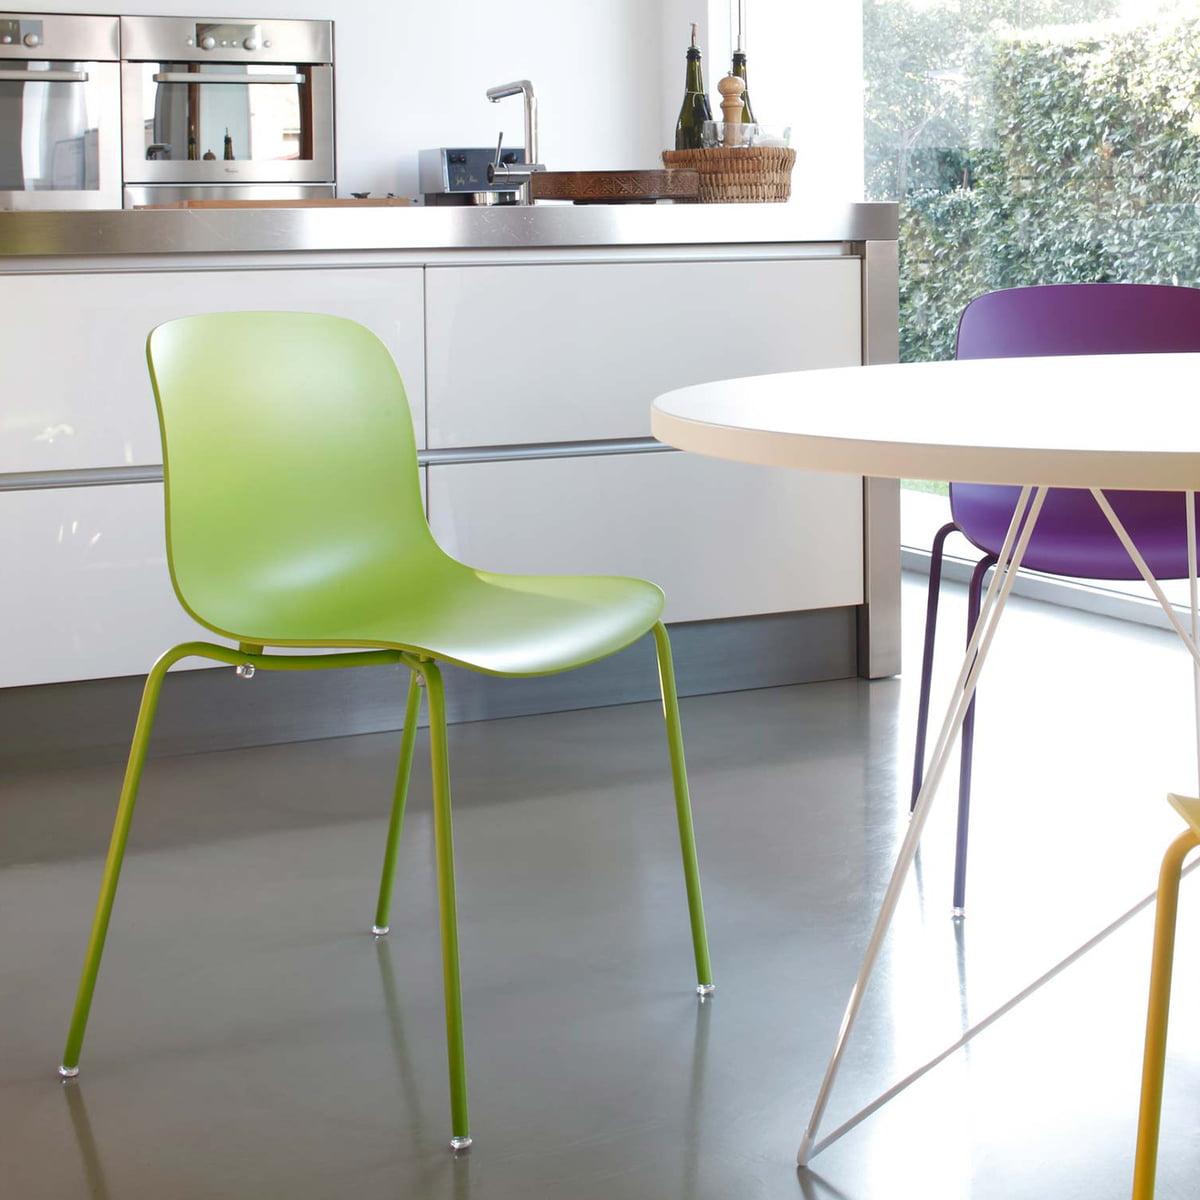 magis troy stuhl pp f r drau en kaufen. Black Bedroom Furniture Sets. Home Design Ideas